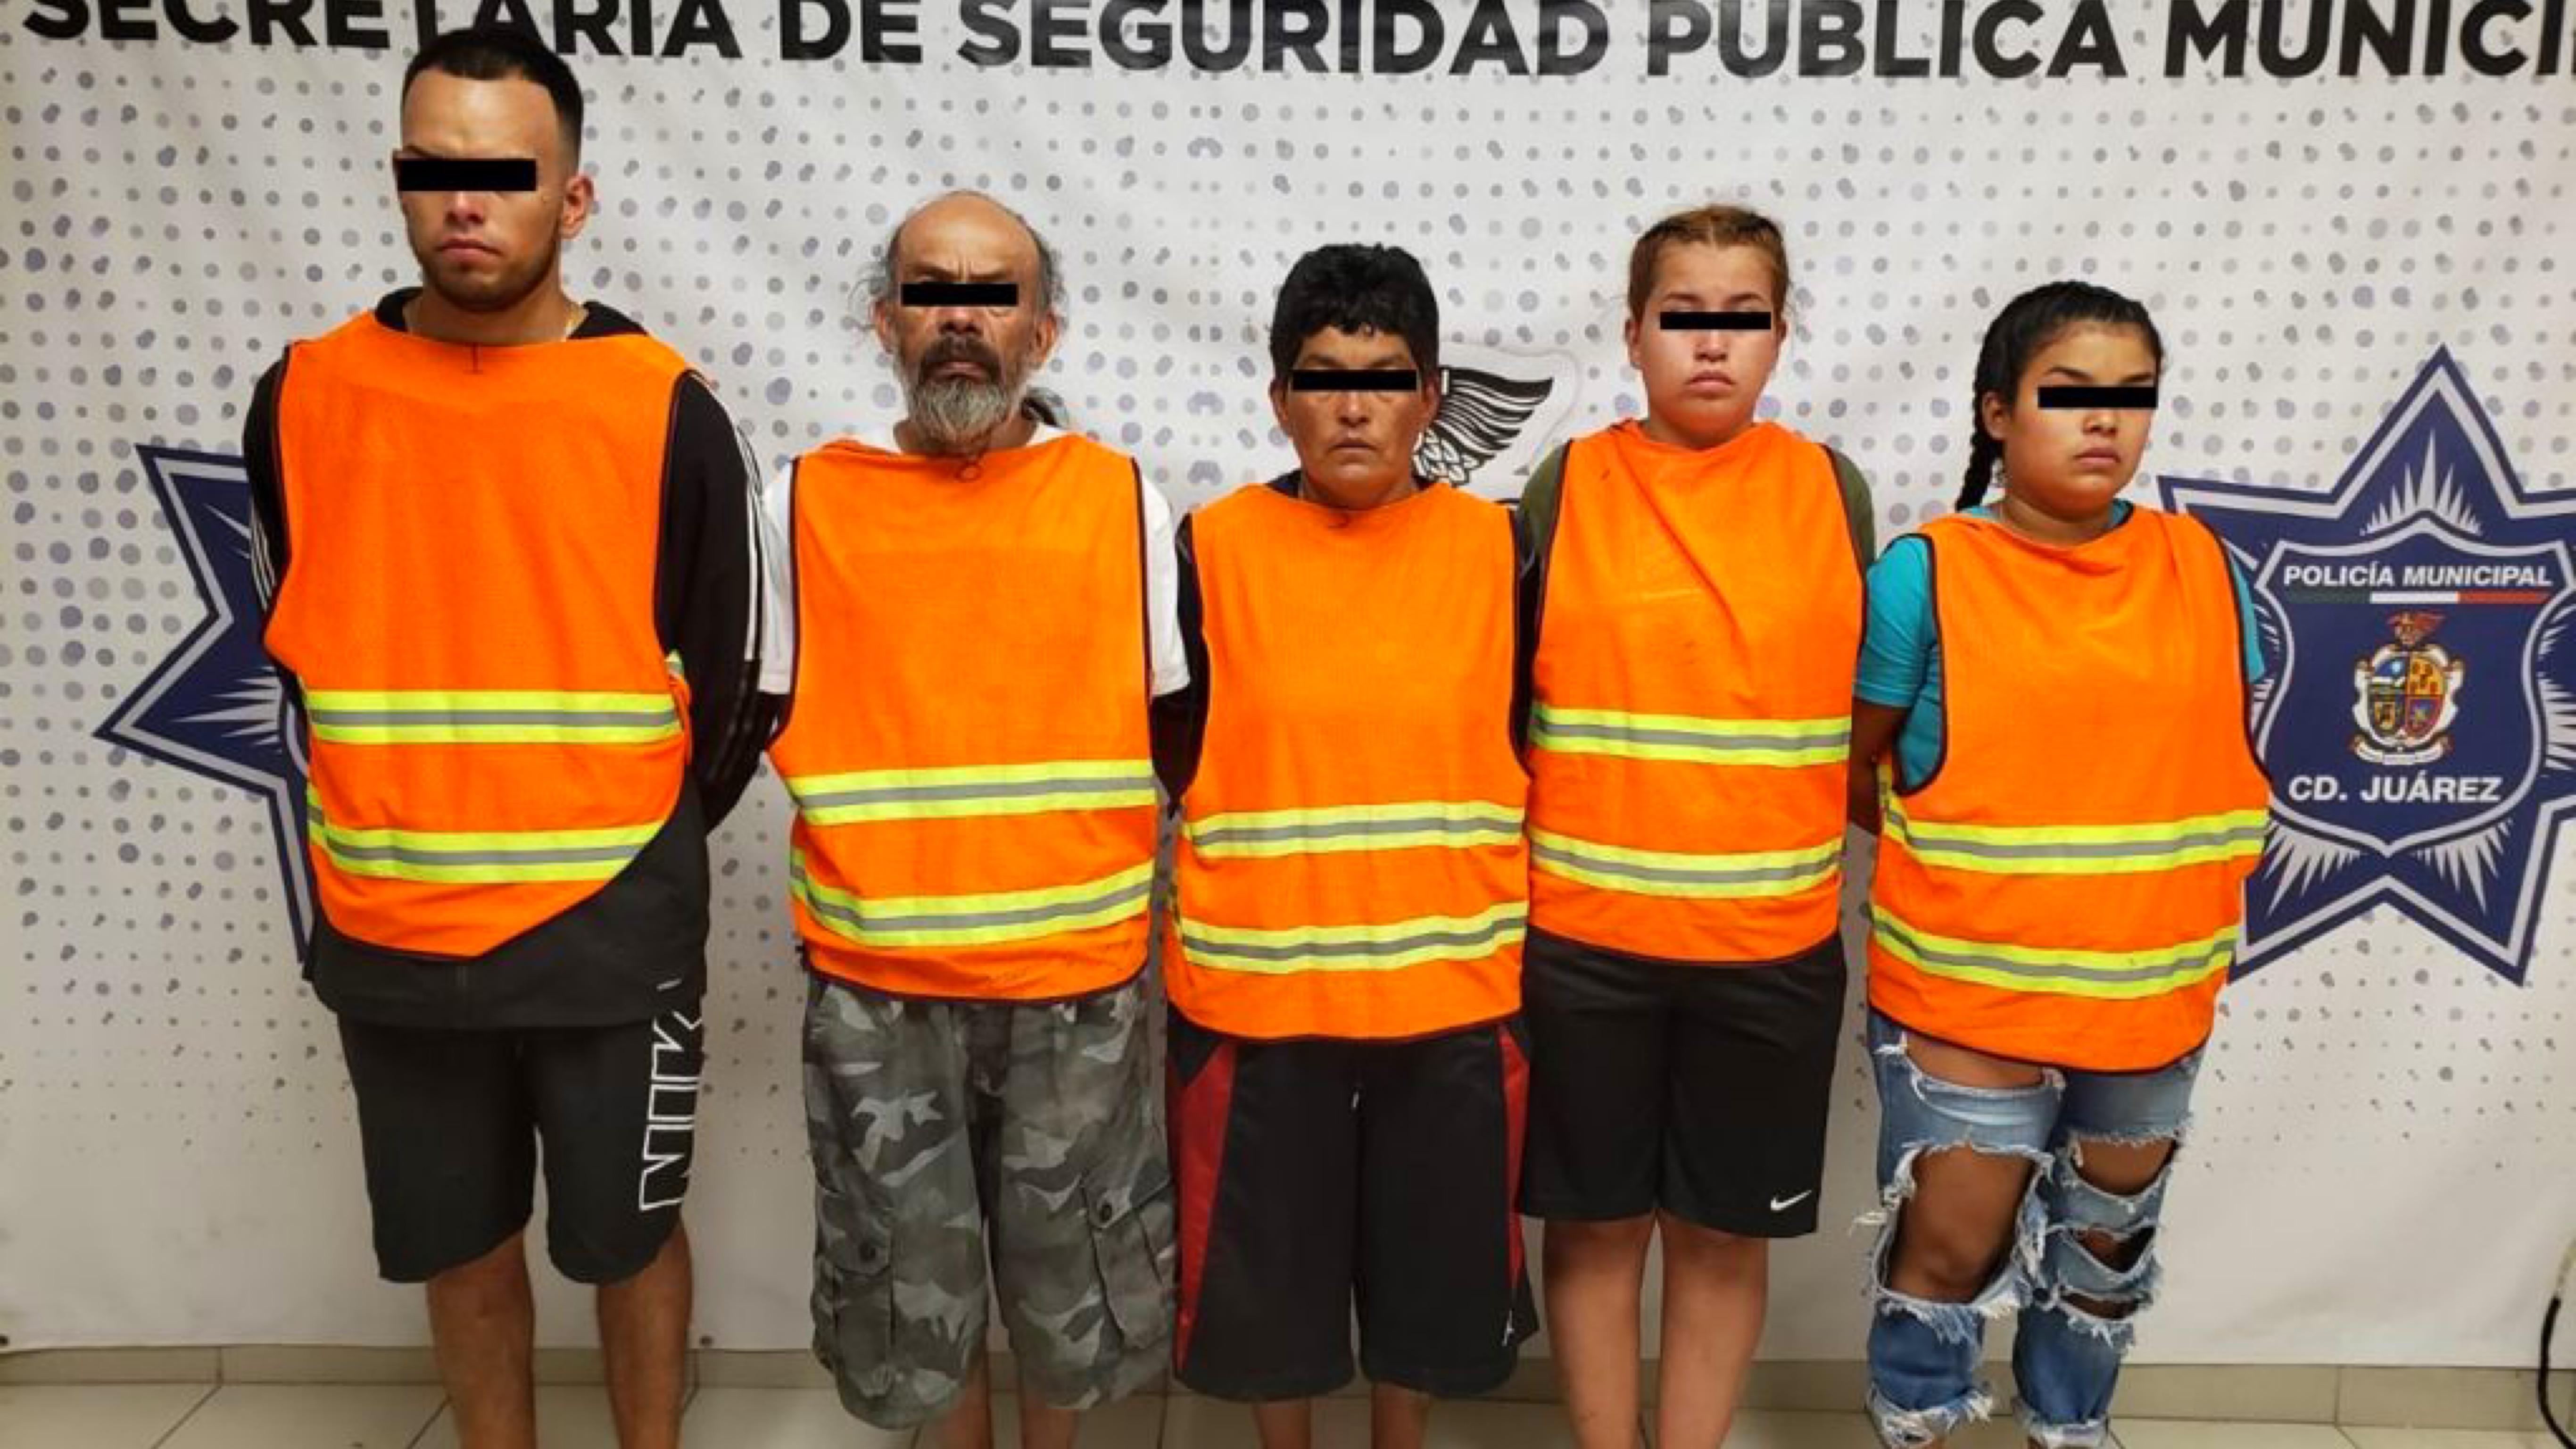 Presuntos-polleros-detenidos-en-Juarez